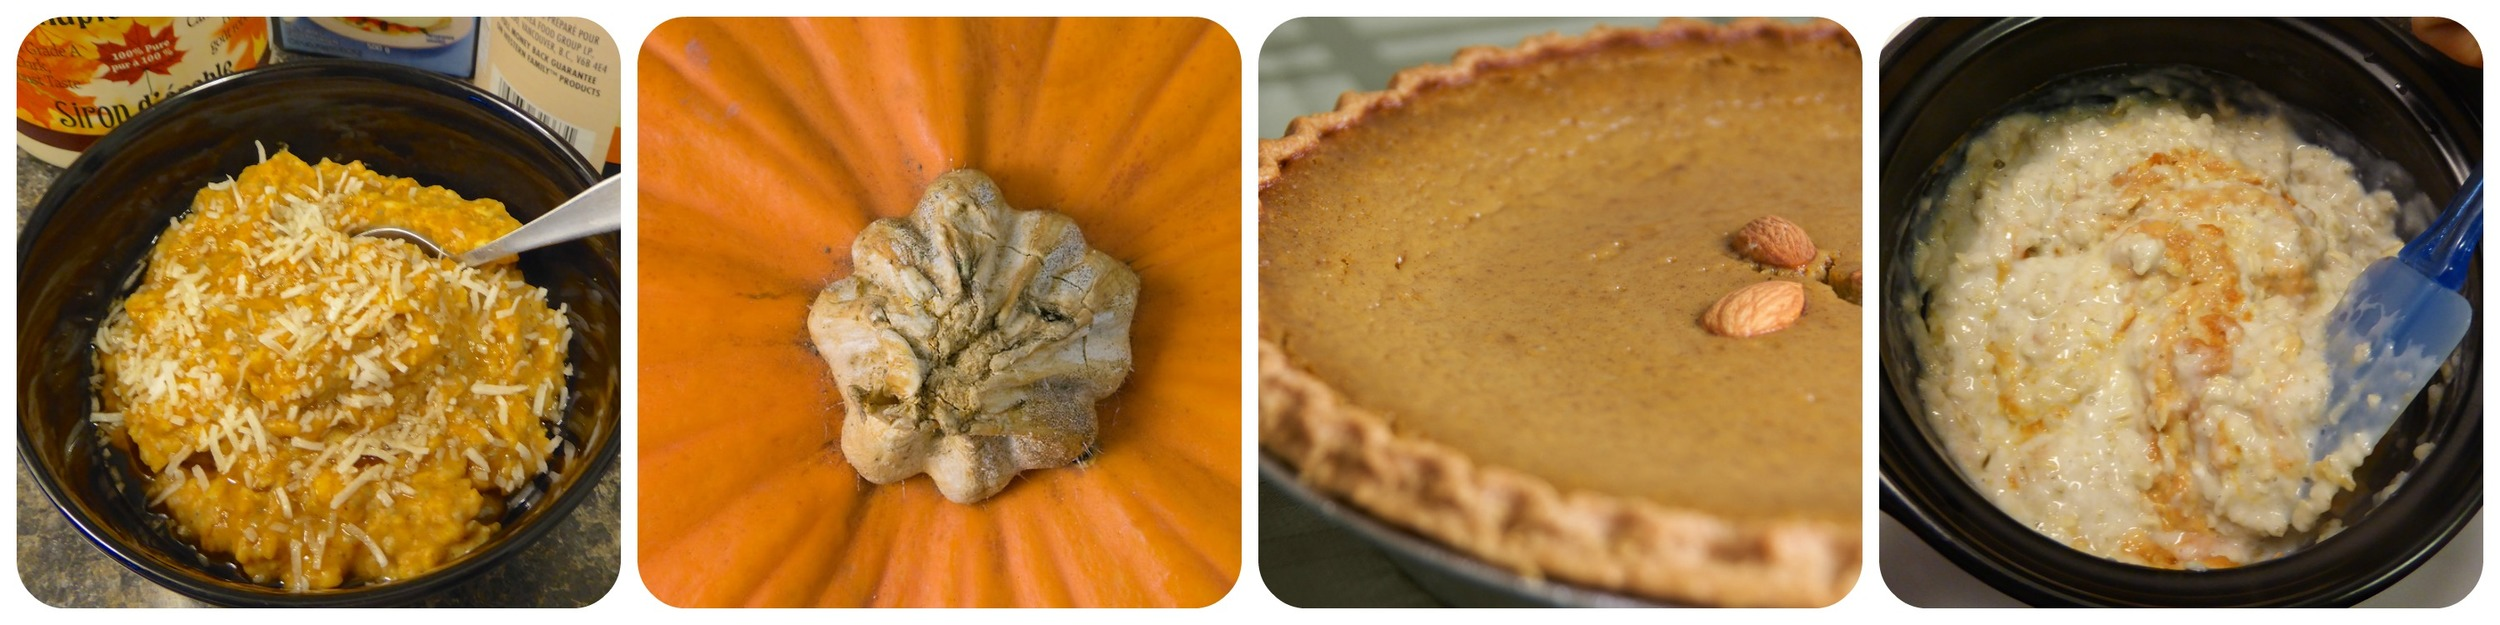 pumpkin pie oatmeal 2